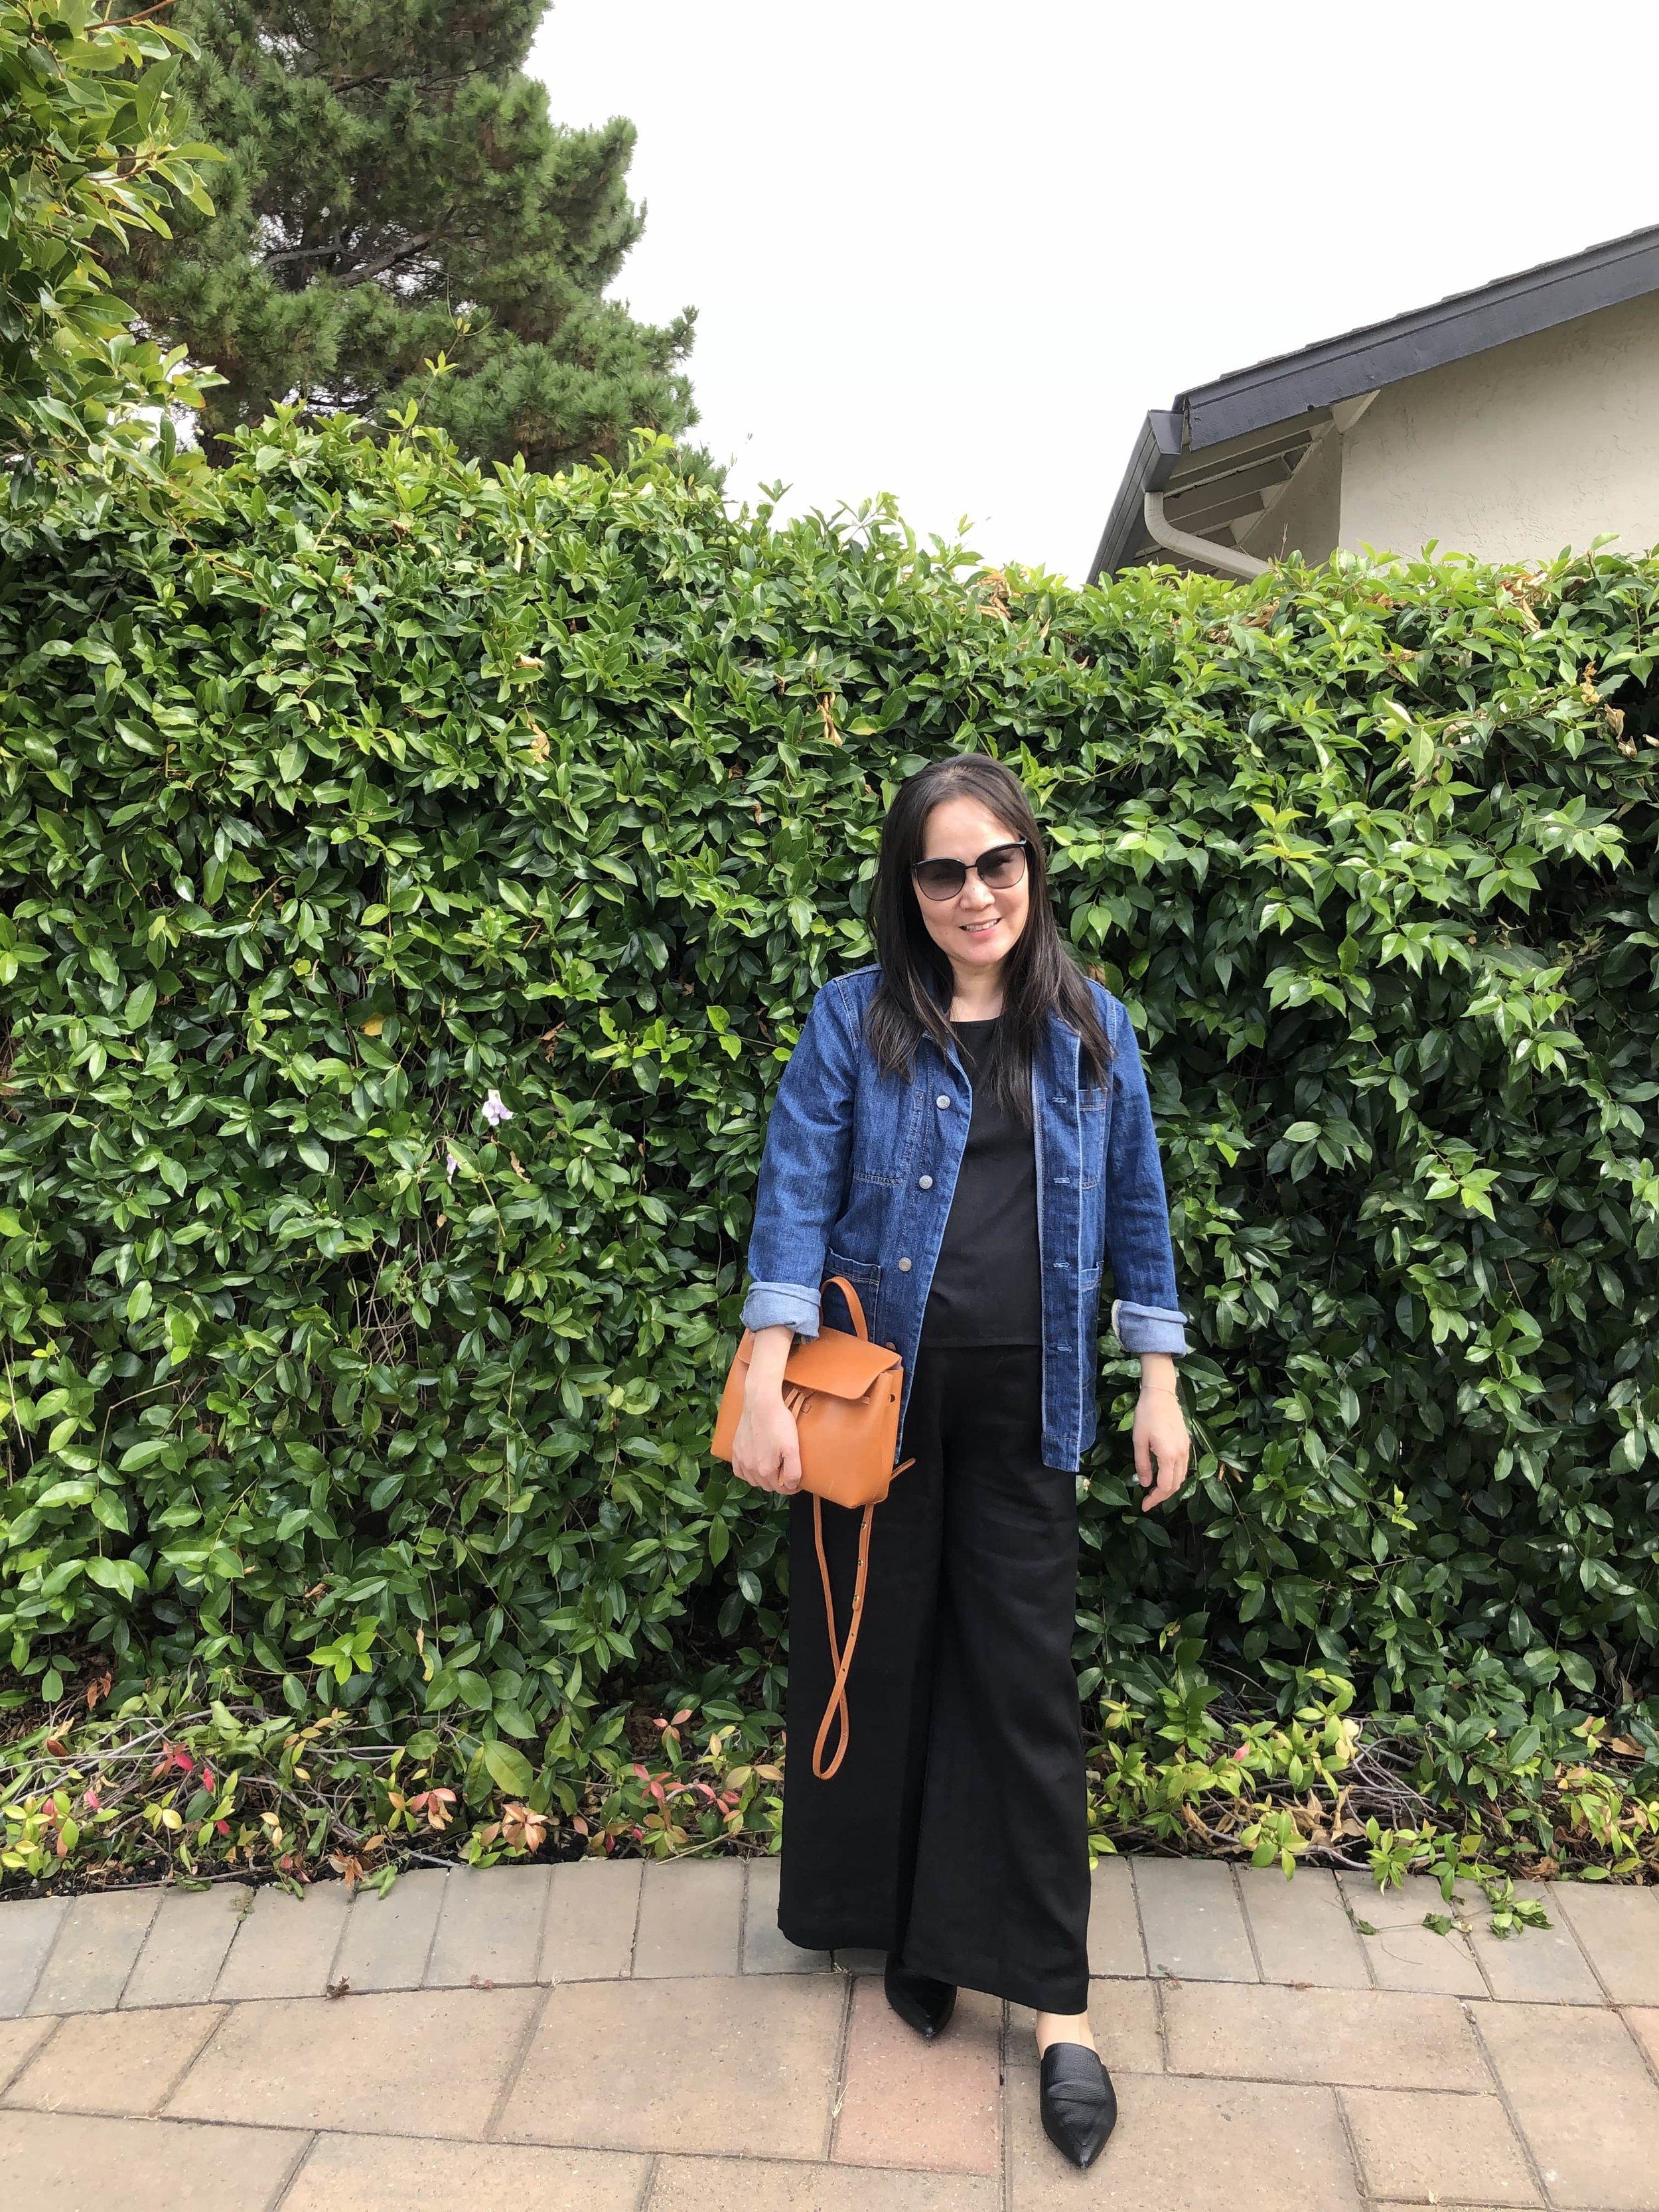 Mansur Gavriel Mini Mini Lady Bag Review